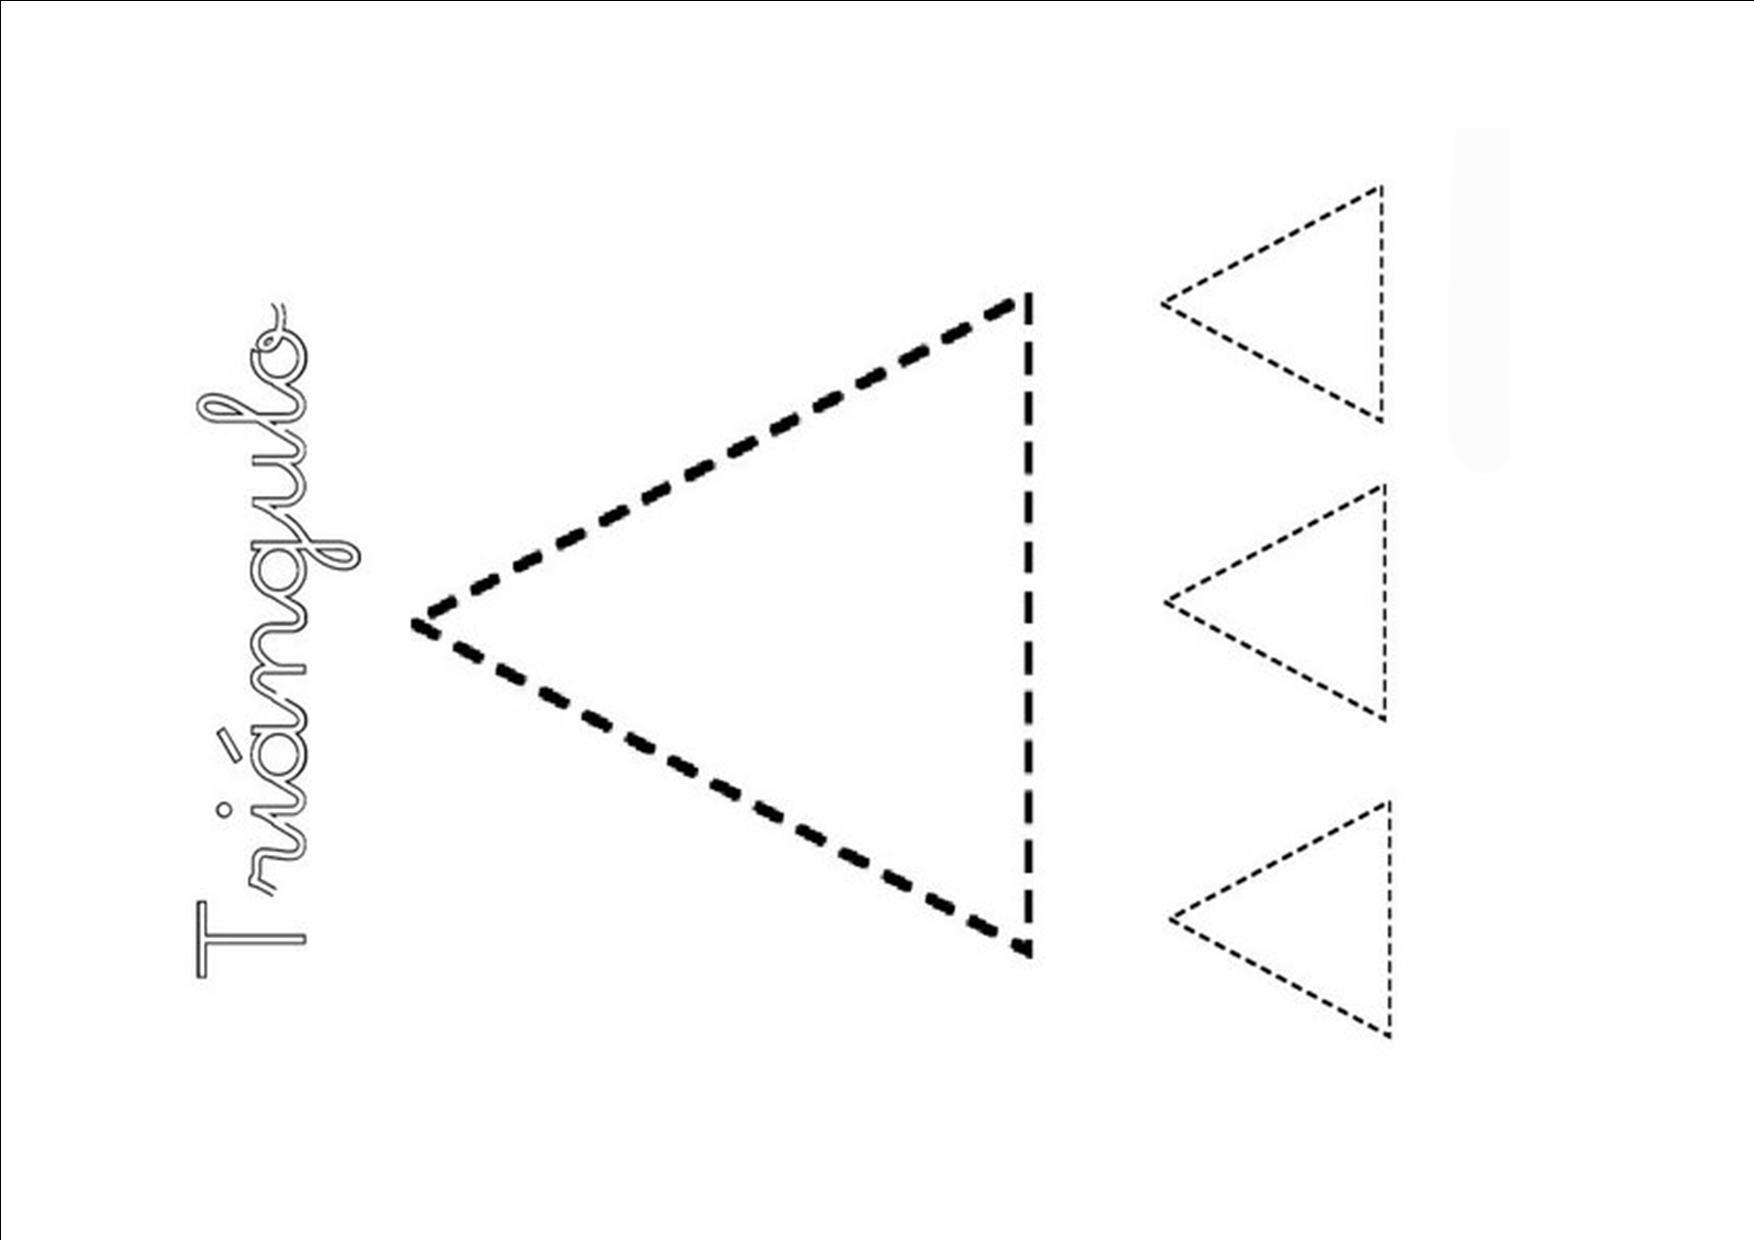 Figuras geométricas: El triángulo